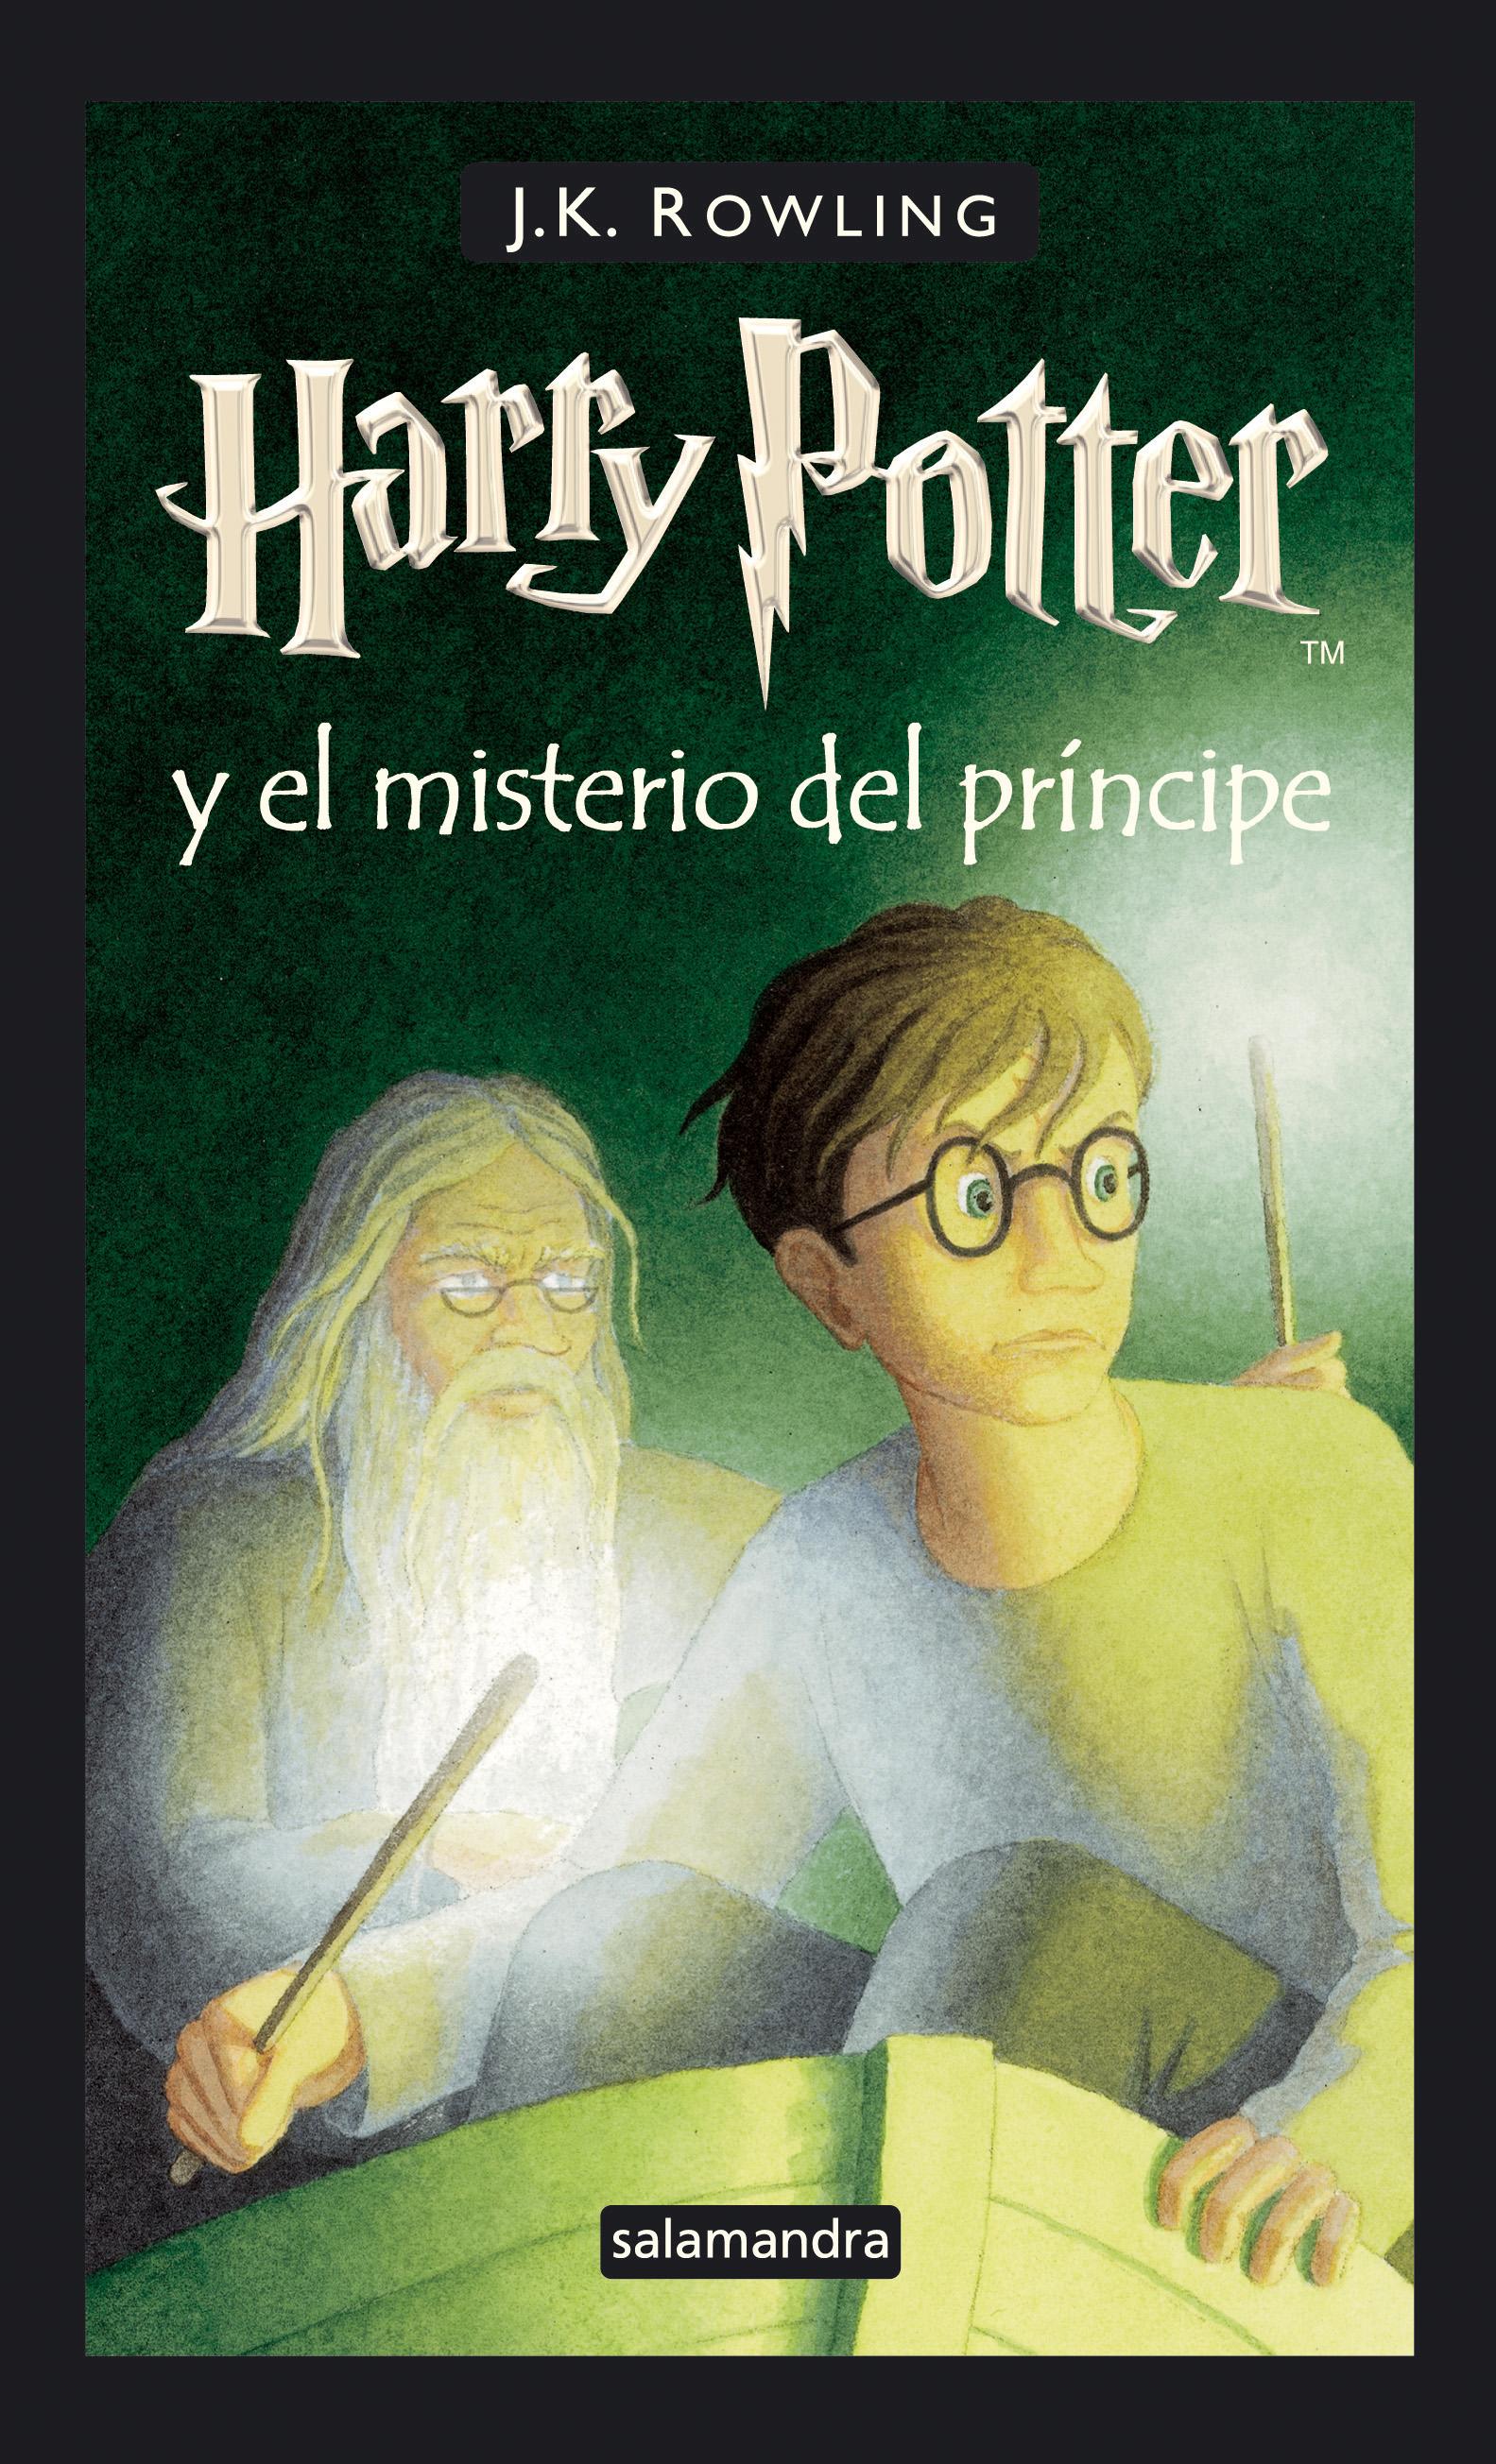 Bestand:Harry-potter-y-el-misterio-del-principe.jpg